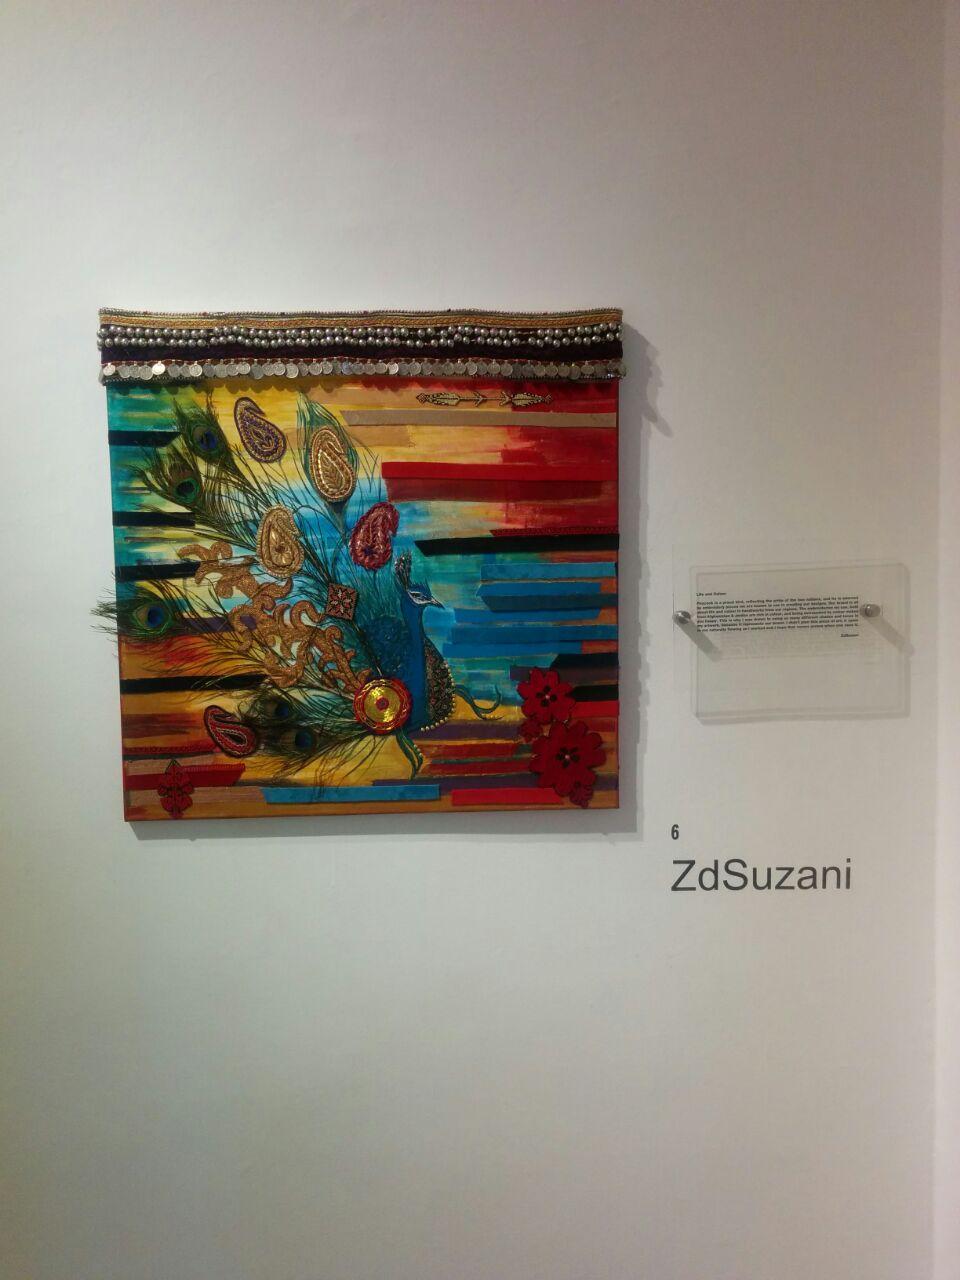 Work by ZdSuzani